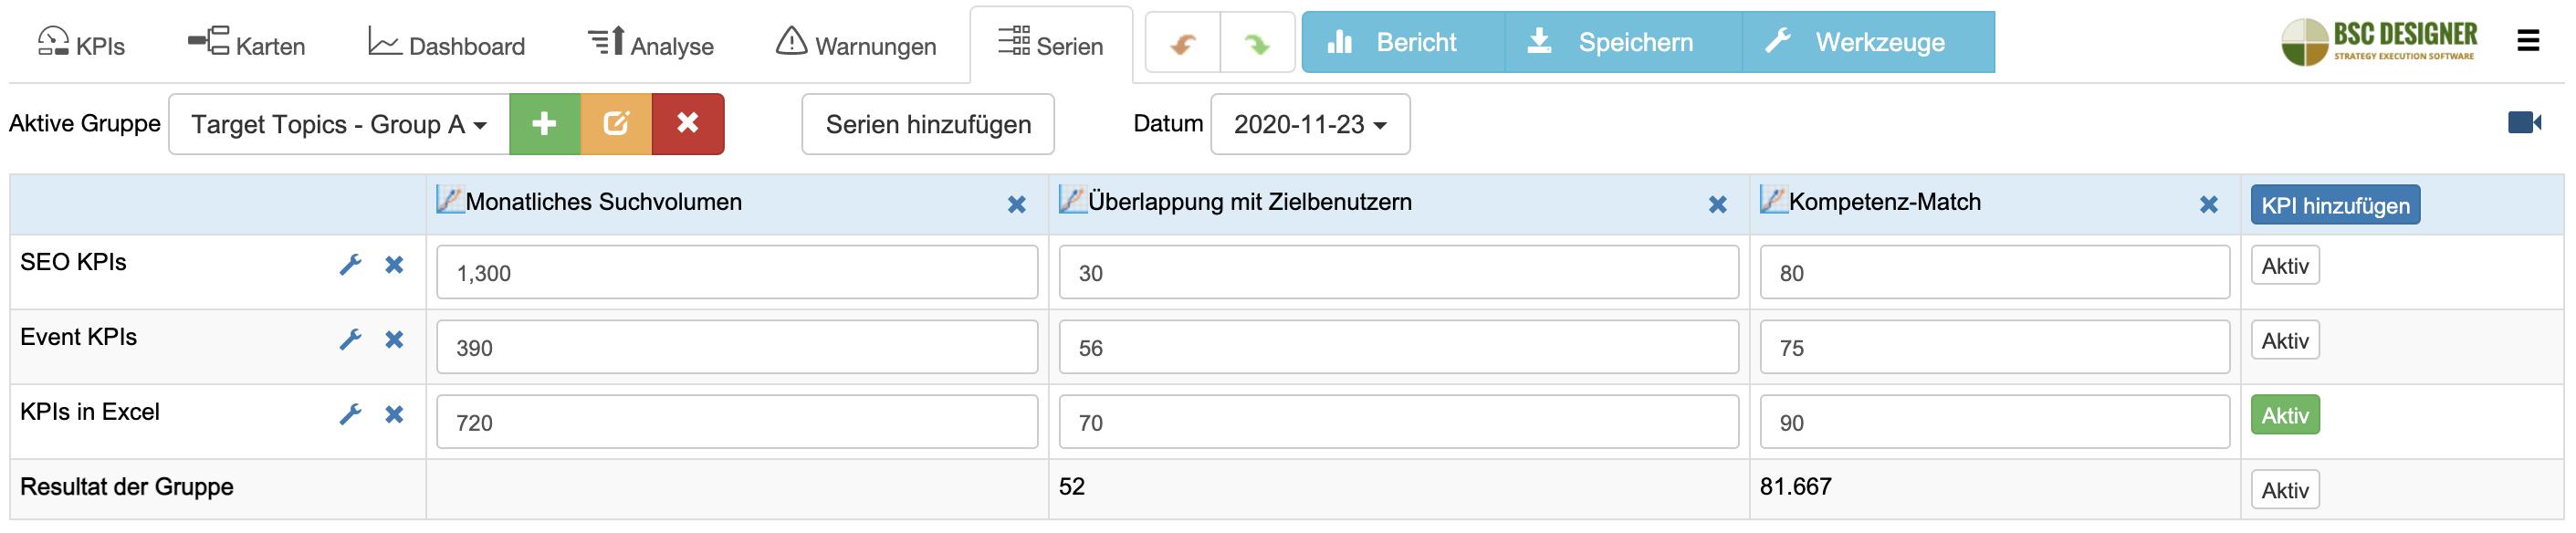 Datenreihe für SEO-Gelegenheitsindex-Kennzahl